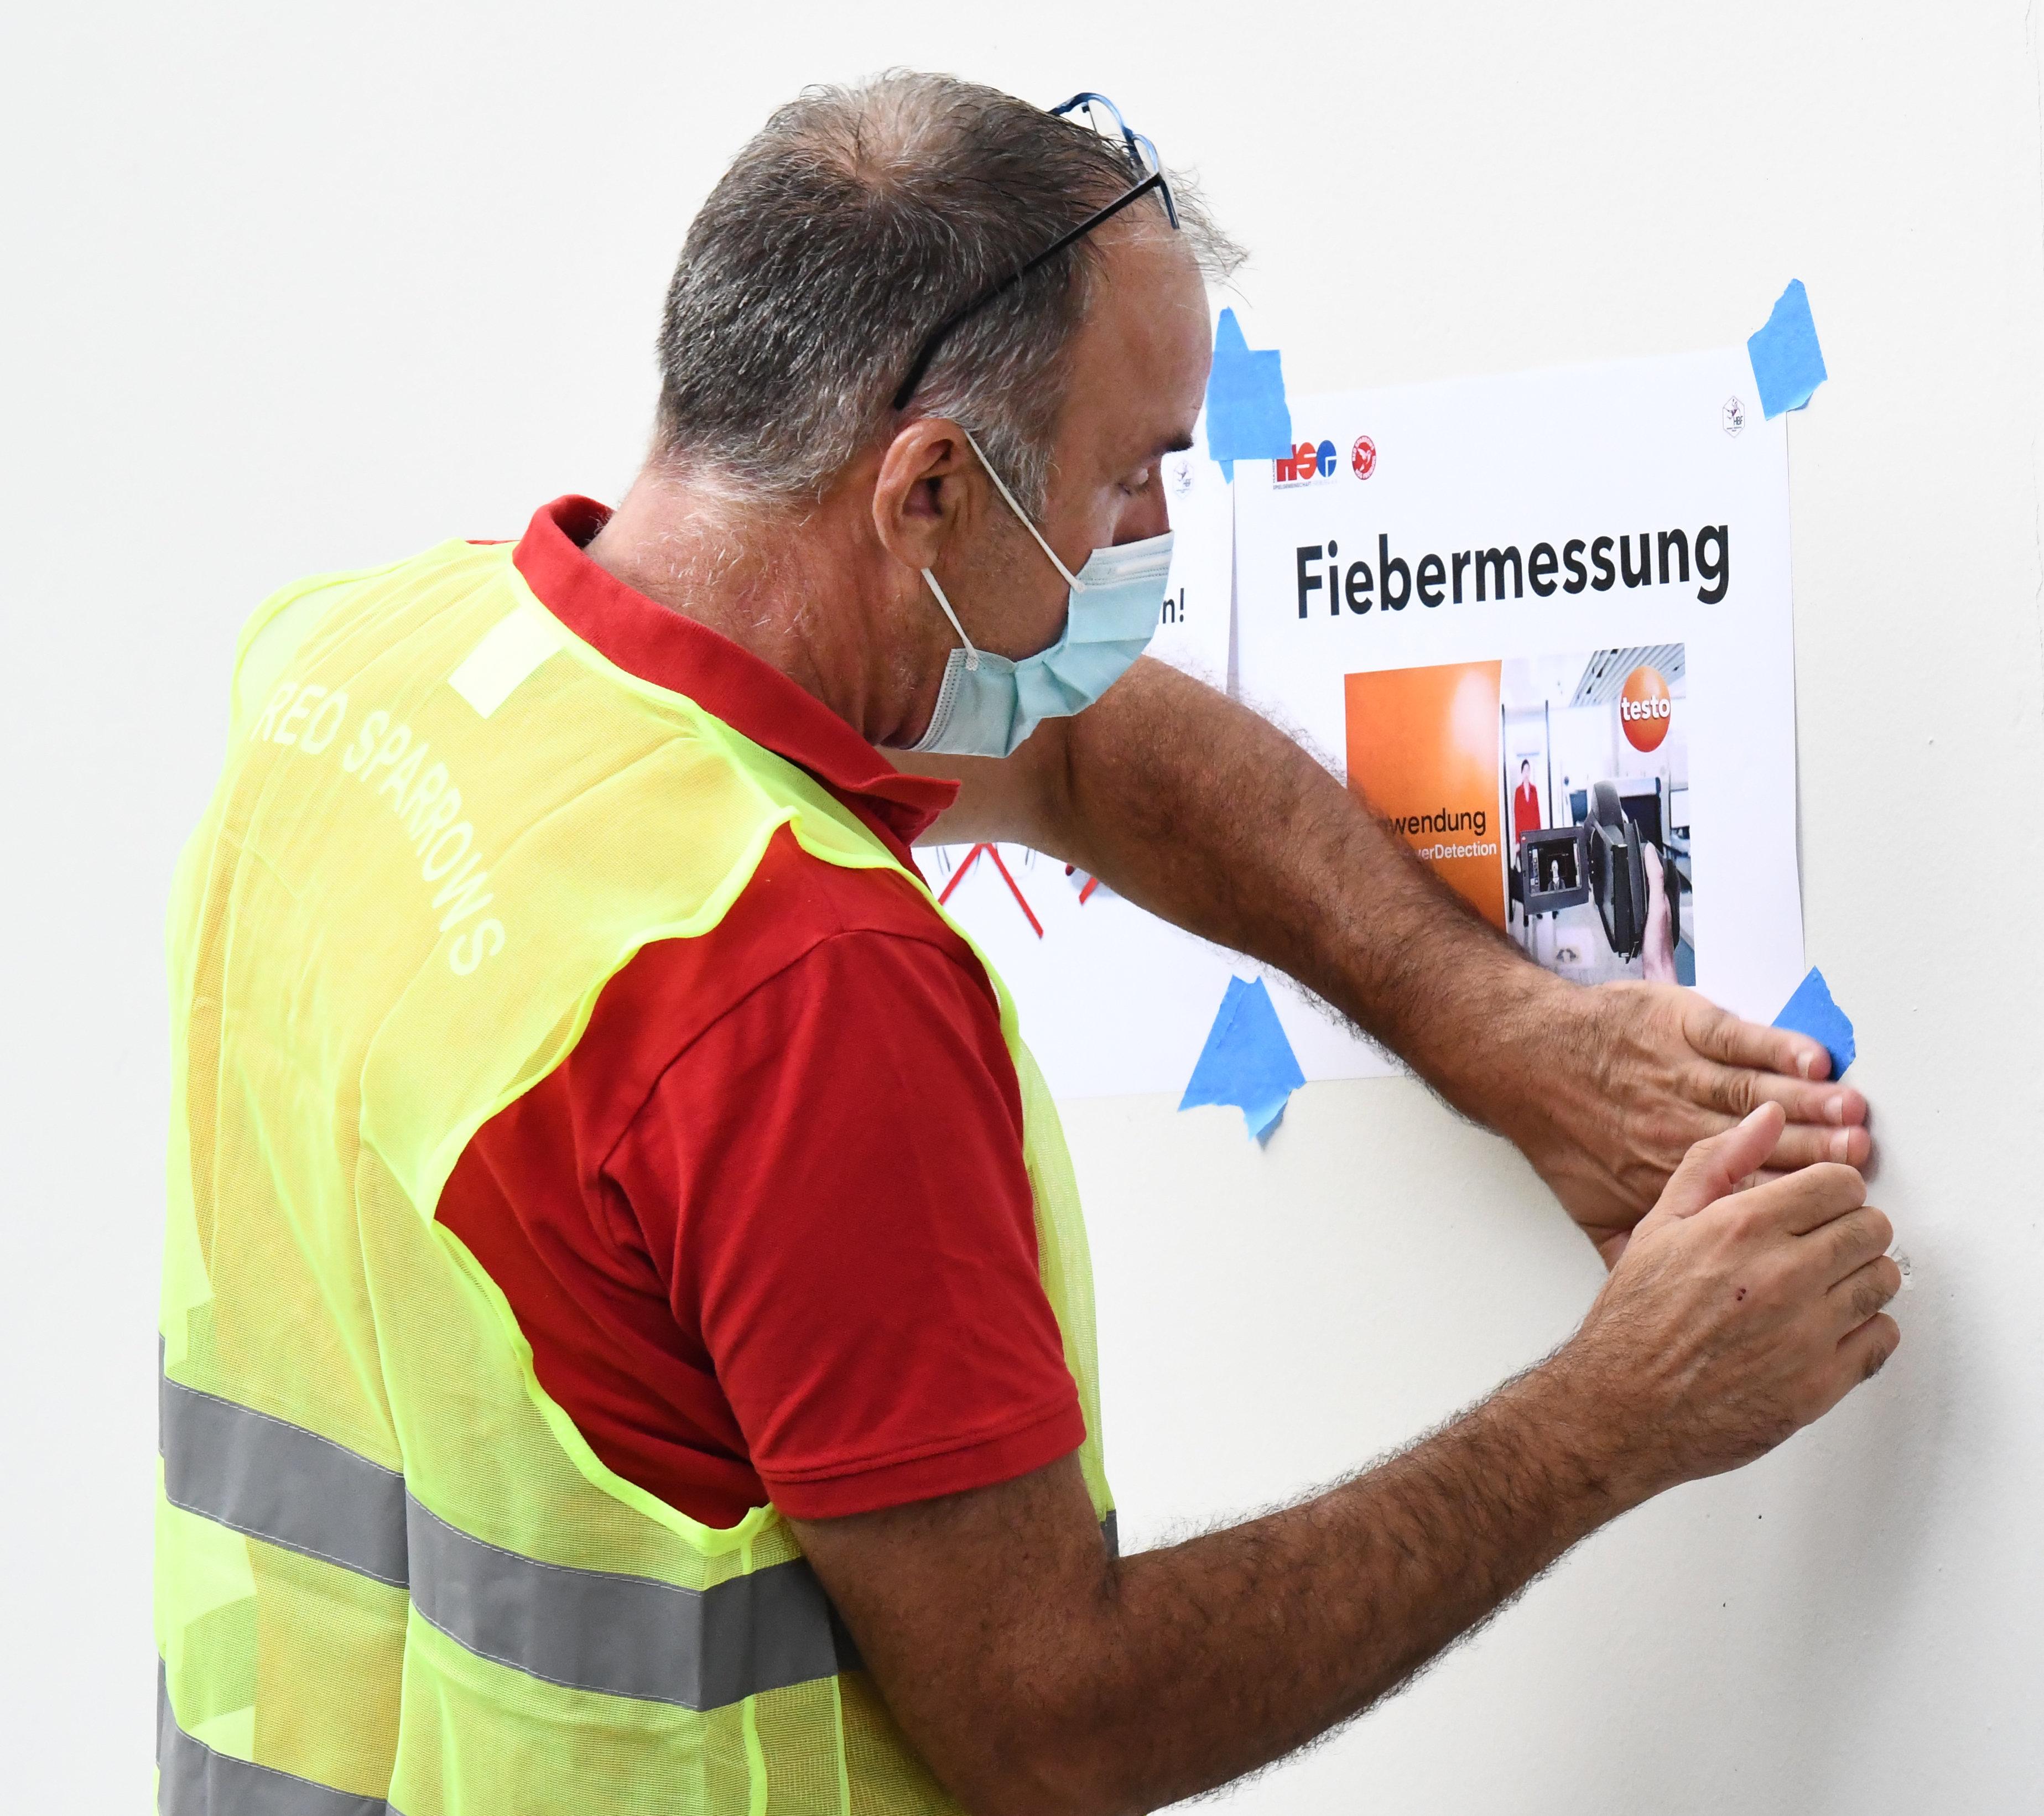 Fiebermessung_2020-09-06_Red_Sparrow_001